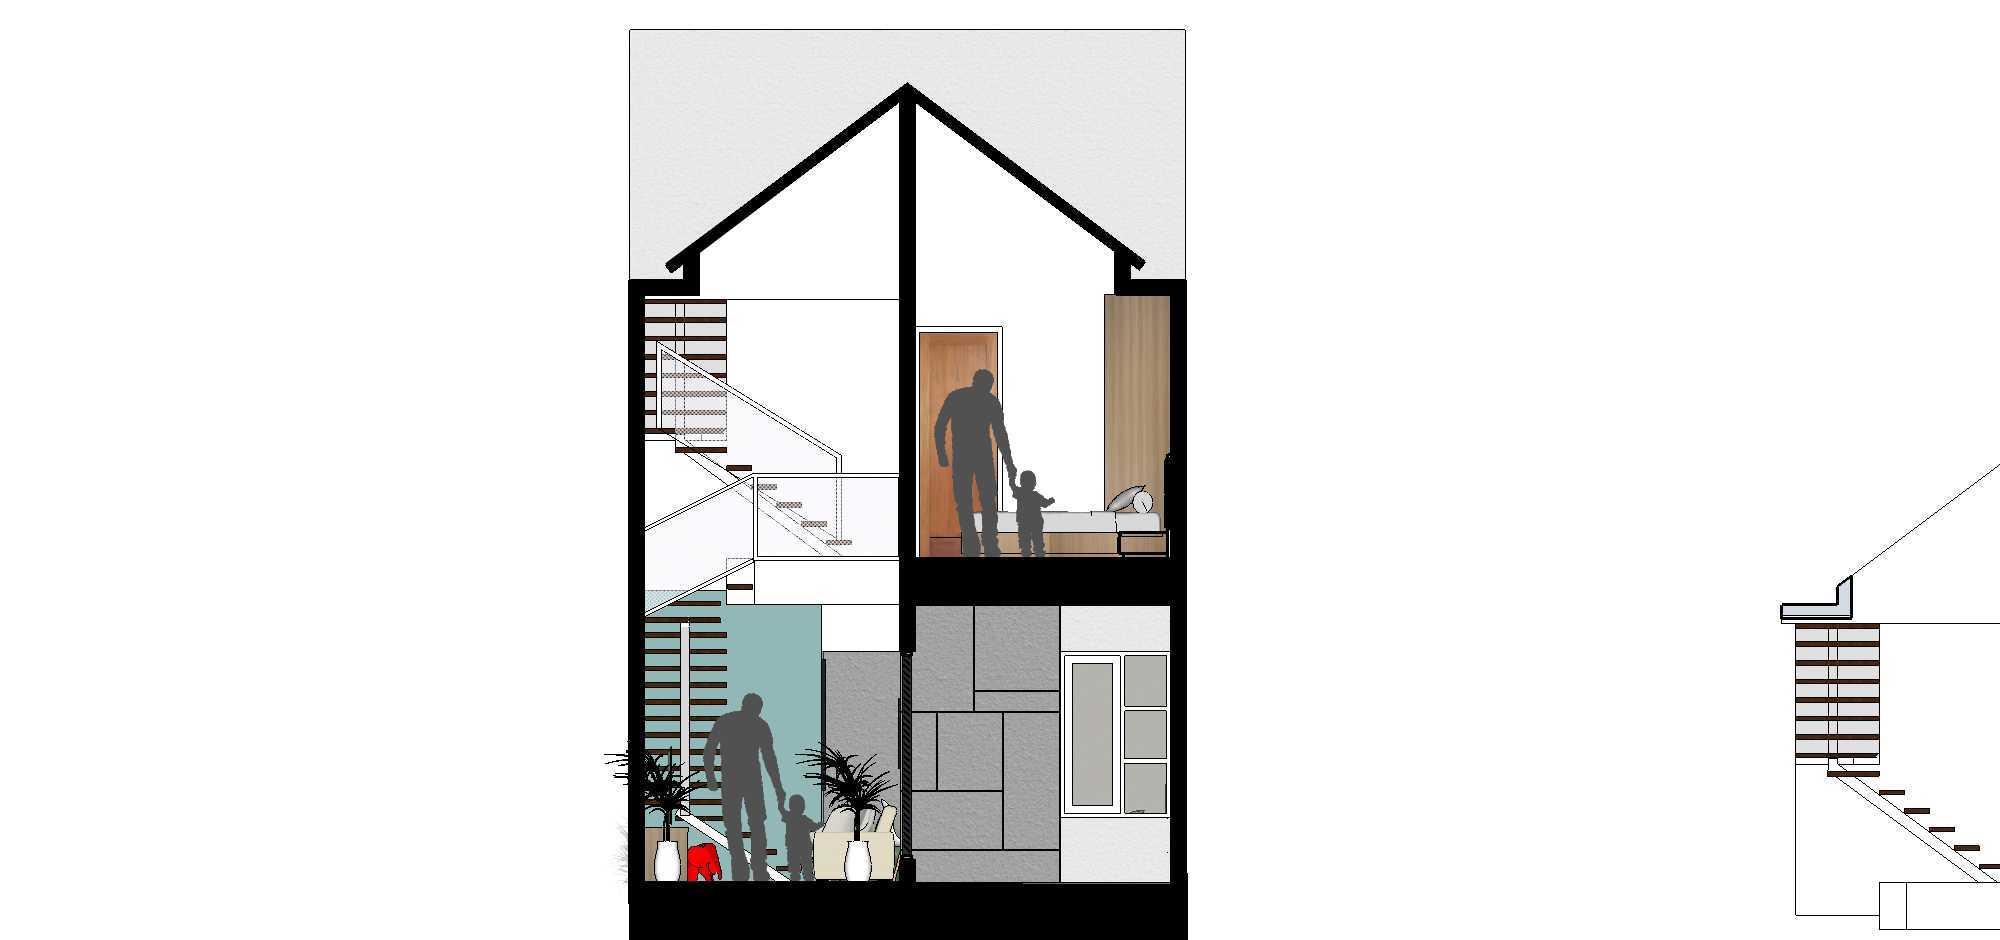 Zigzag Architecture Studio E House - Mampang Hills, Depok Jl. Pramuka Raya Depok No.29, Mampang, Pancoran Mas, Kota Depok, Jawa Barat 16433, Indonesia Jl. Pramuka Raya Depok No.29, Mampang, Pancoran Mas, Kota Depok, Jawa Barat 16433, Indonesia Zigzag-Architecture-Studio-E-House-Mampang-Hills-Depok  63545